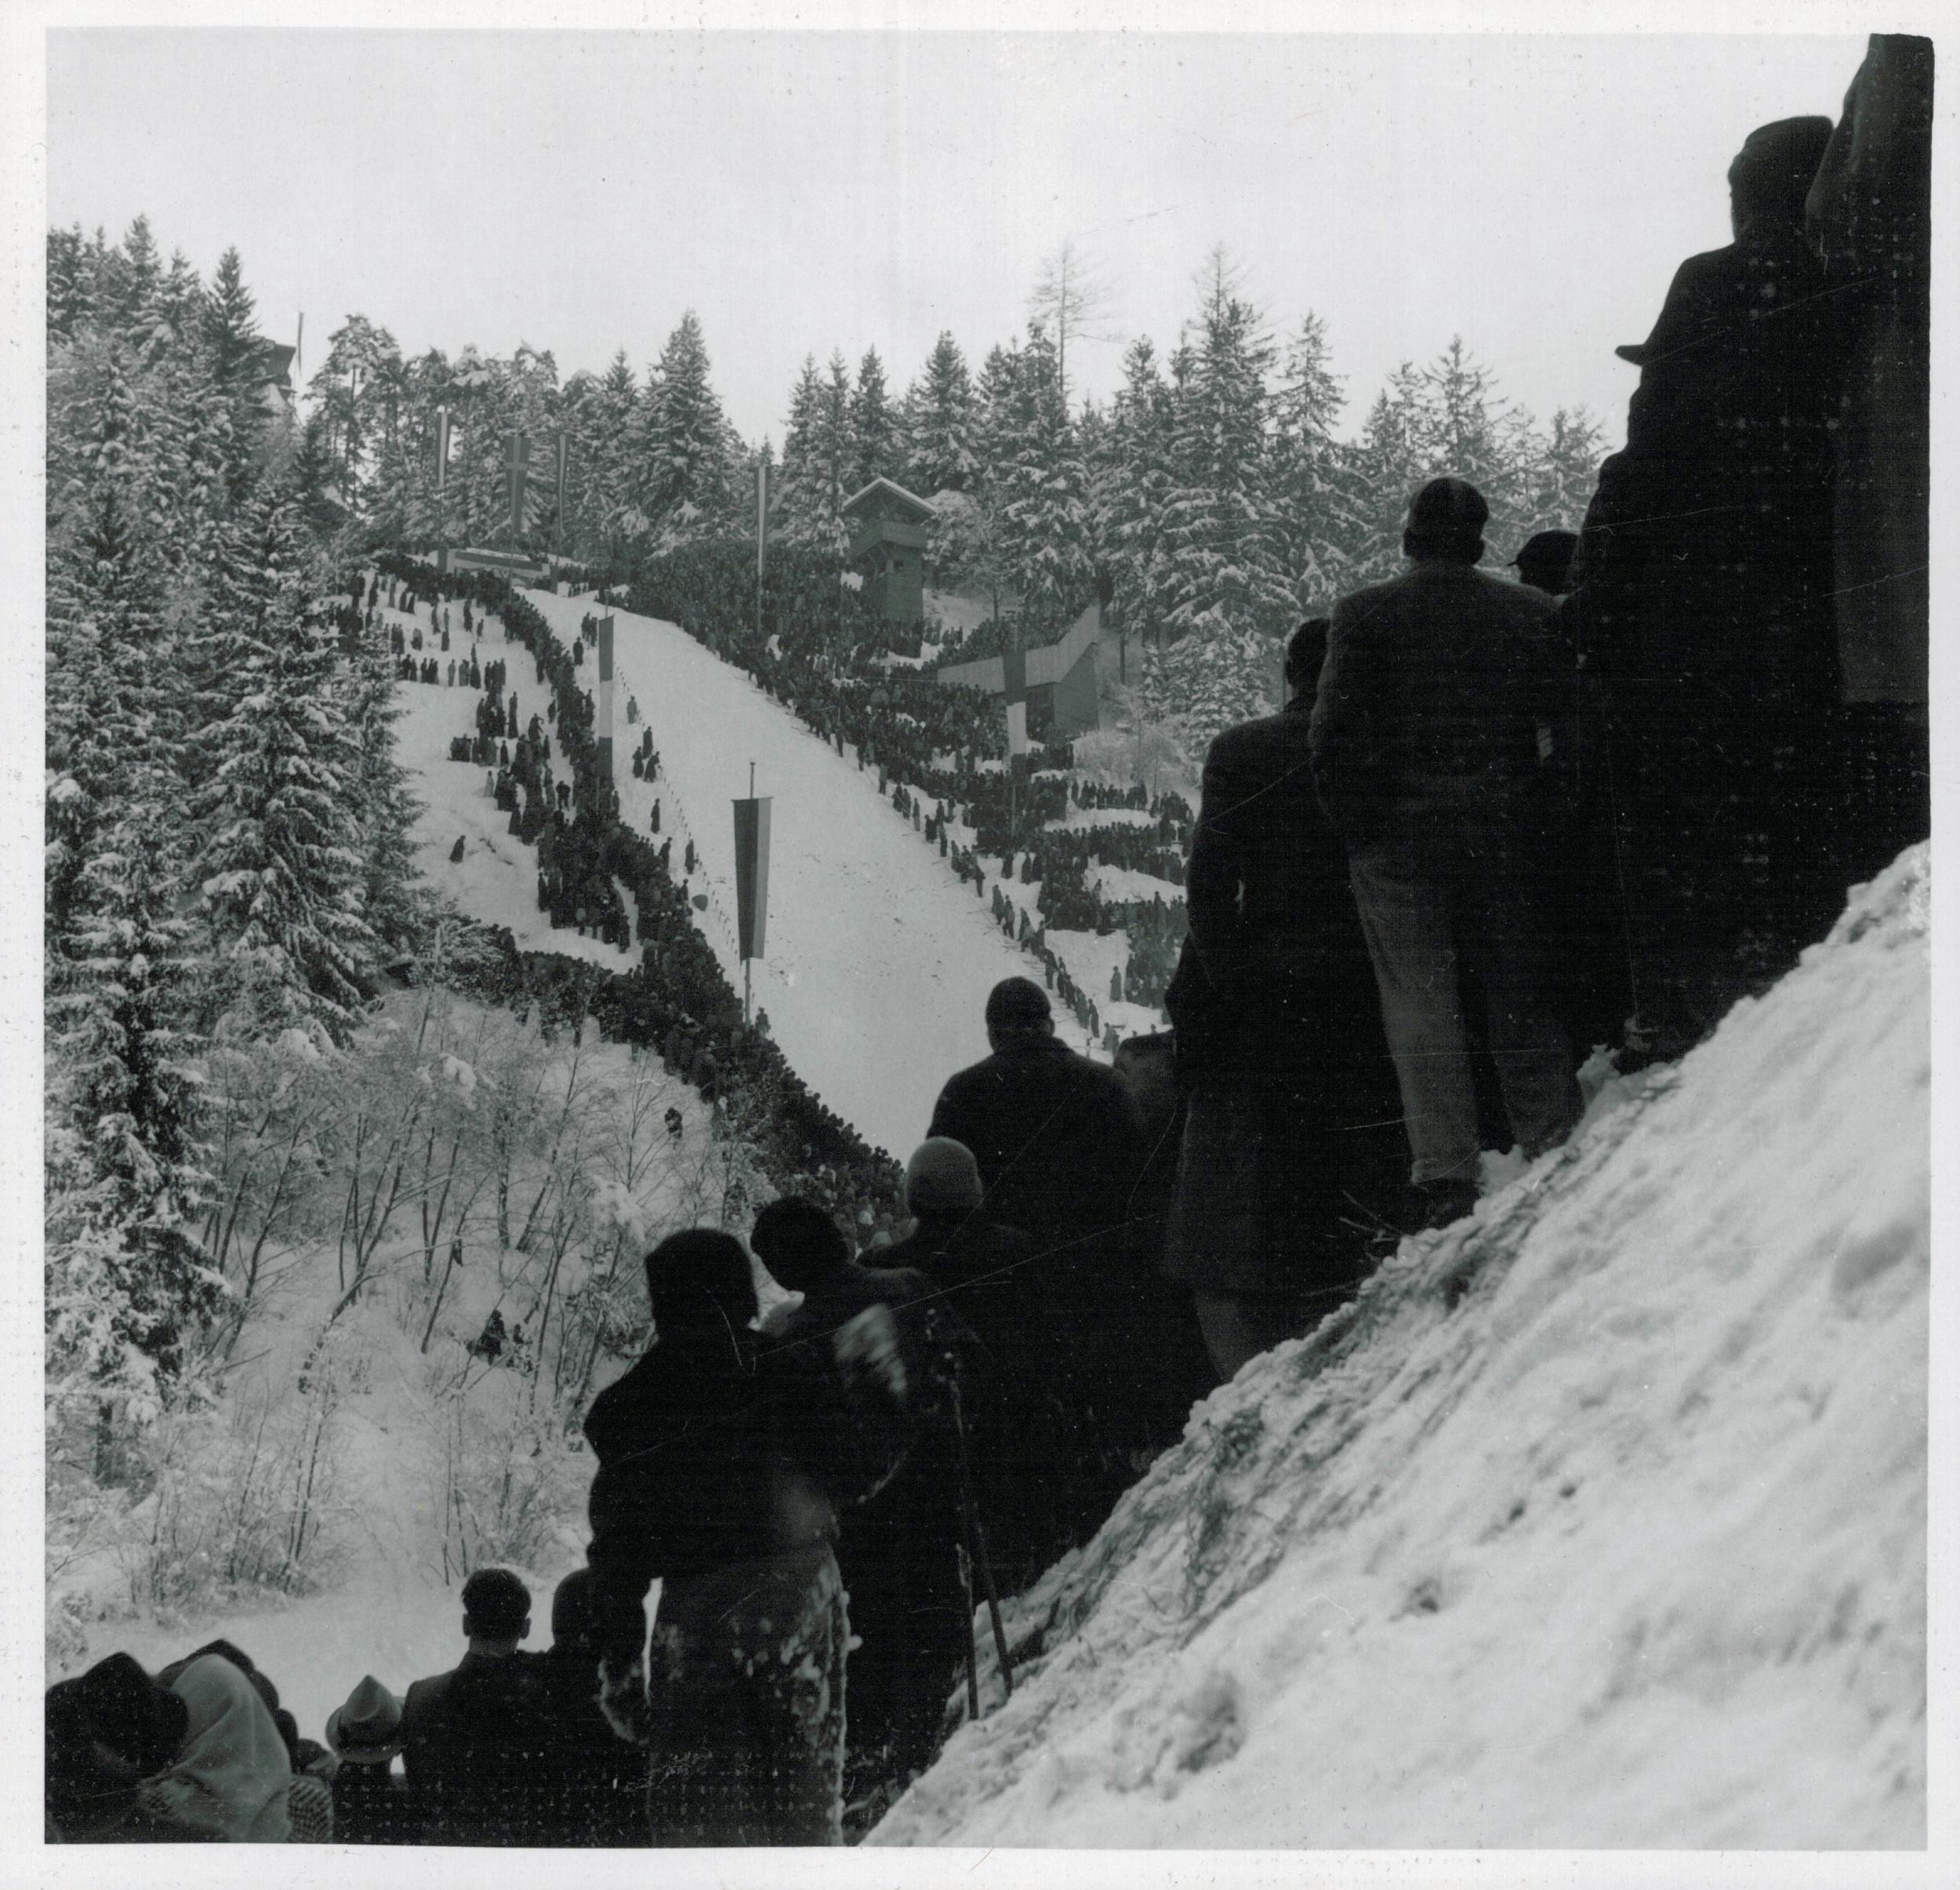 Innsbrucks Bewerbung Für Die Olympischen Winterspiele 1960, Teil 5